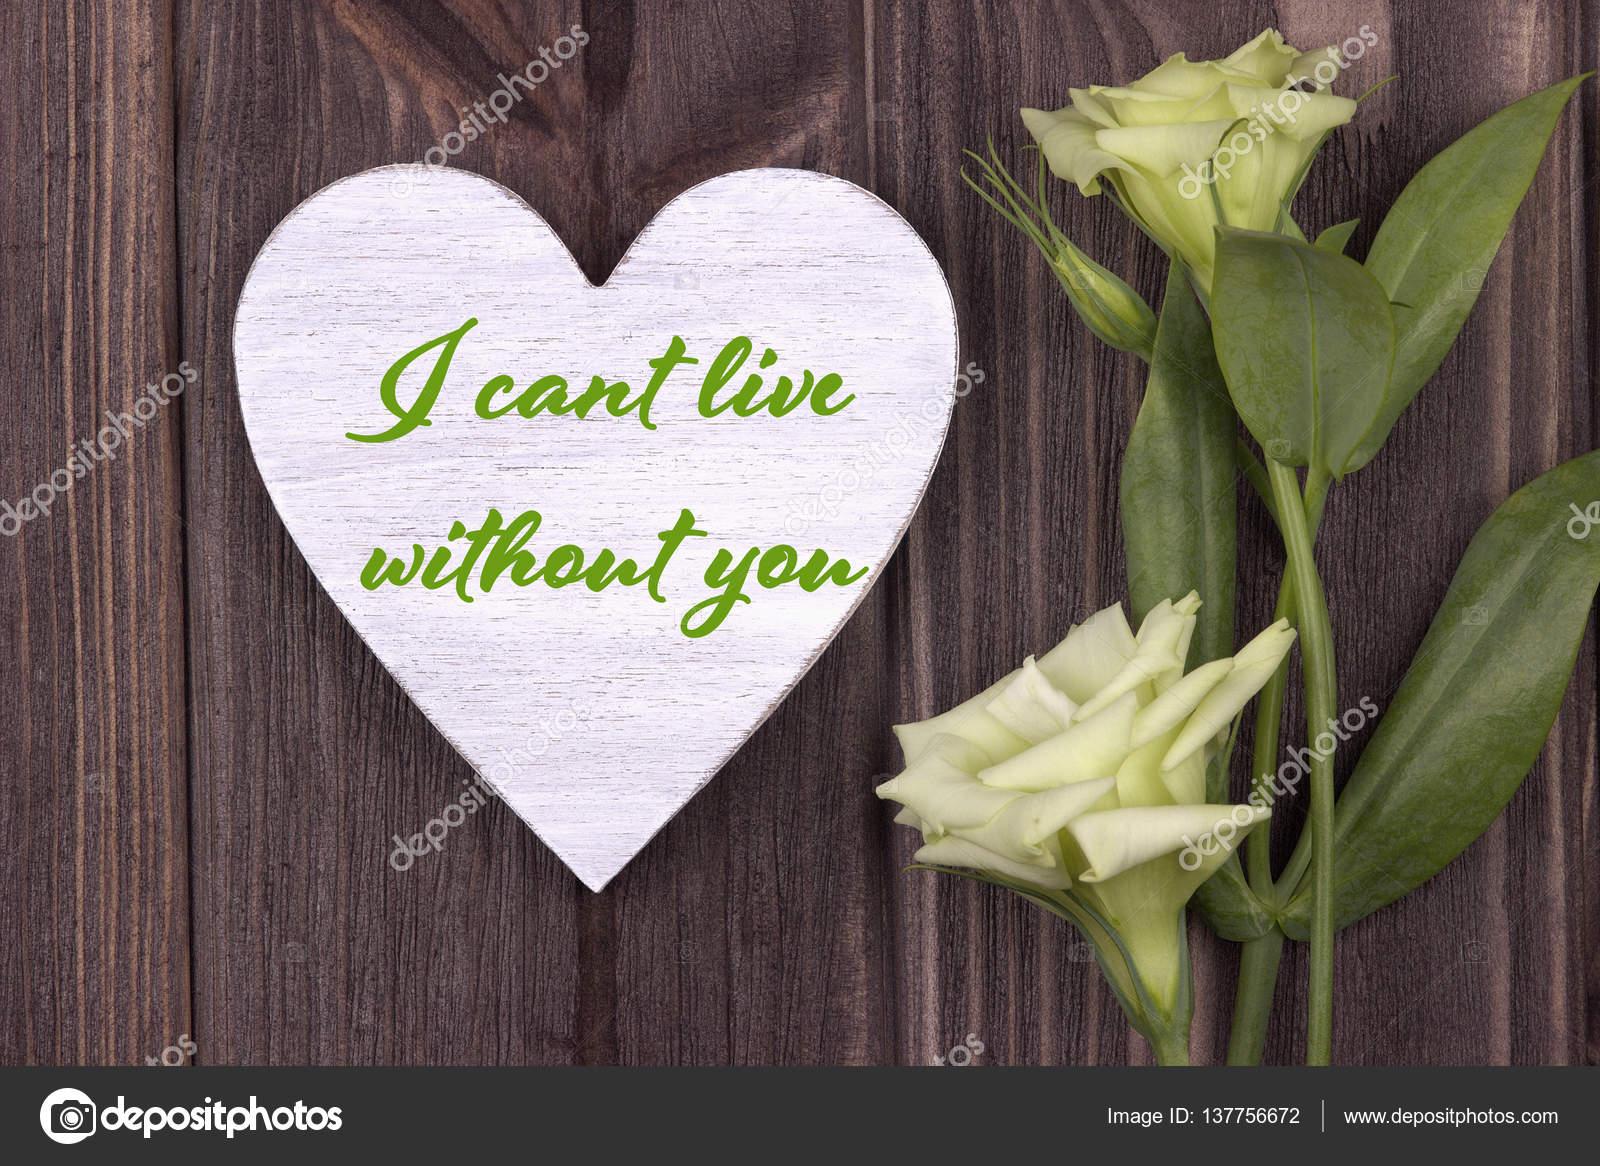 Valentijn Kaart Met Tekst Die I Cant Live Without U Groen